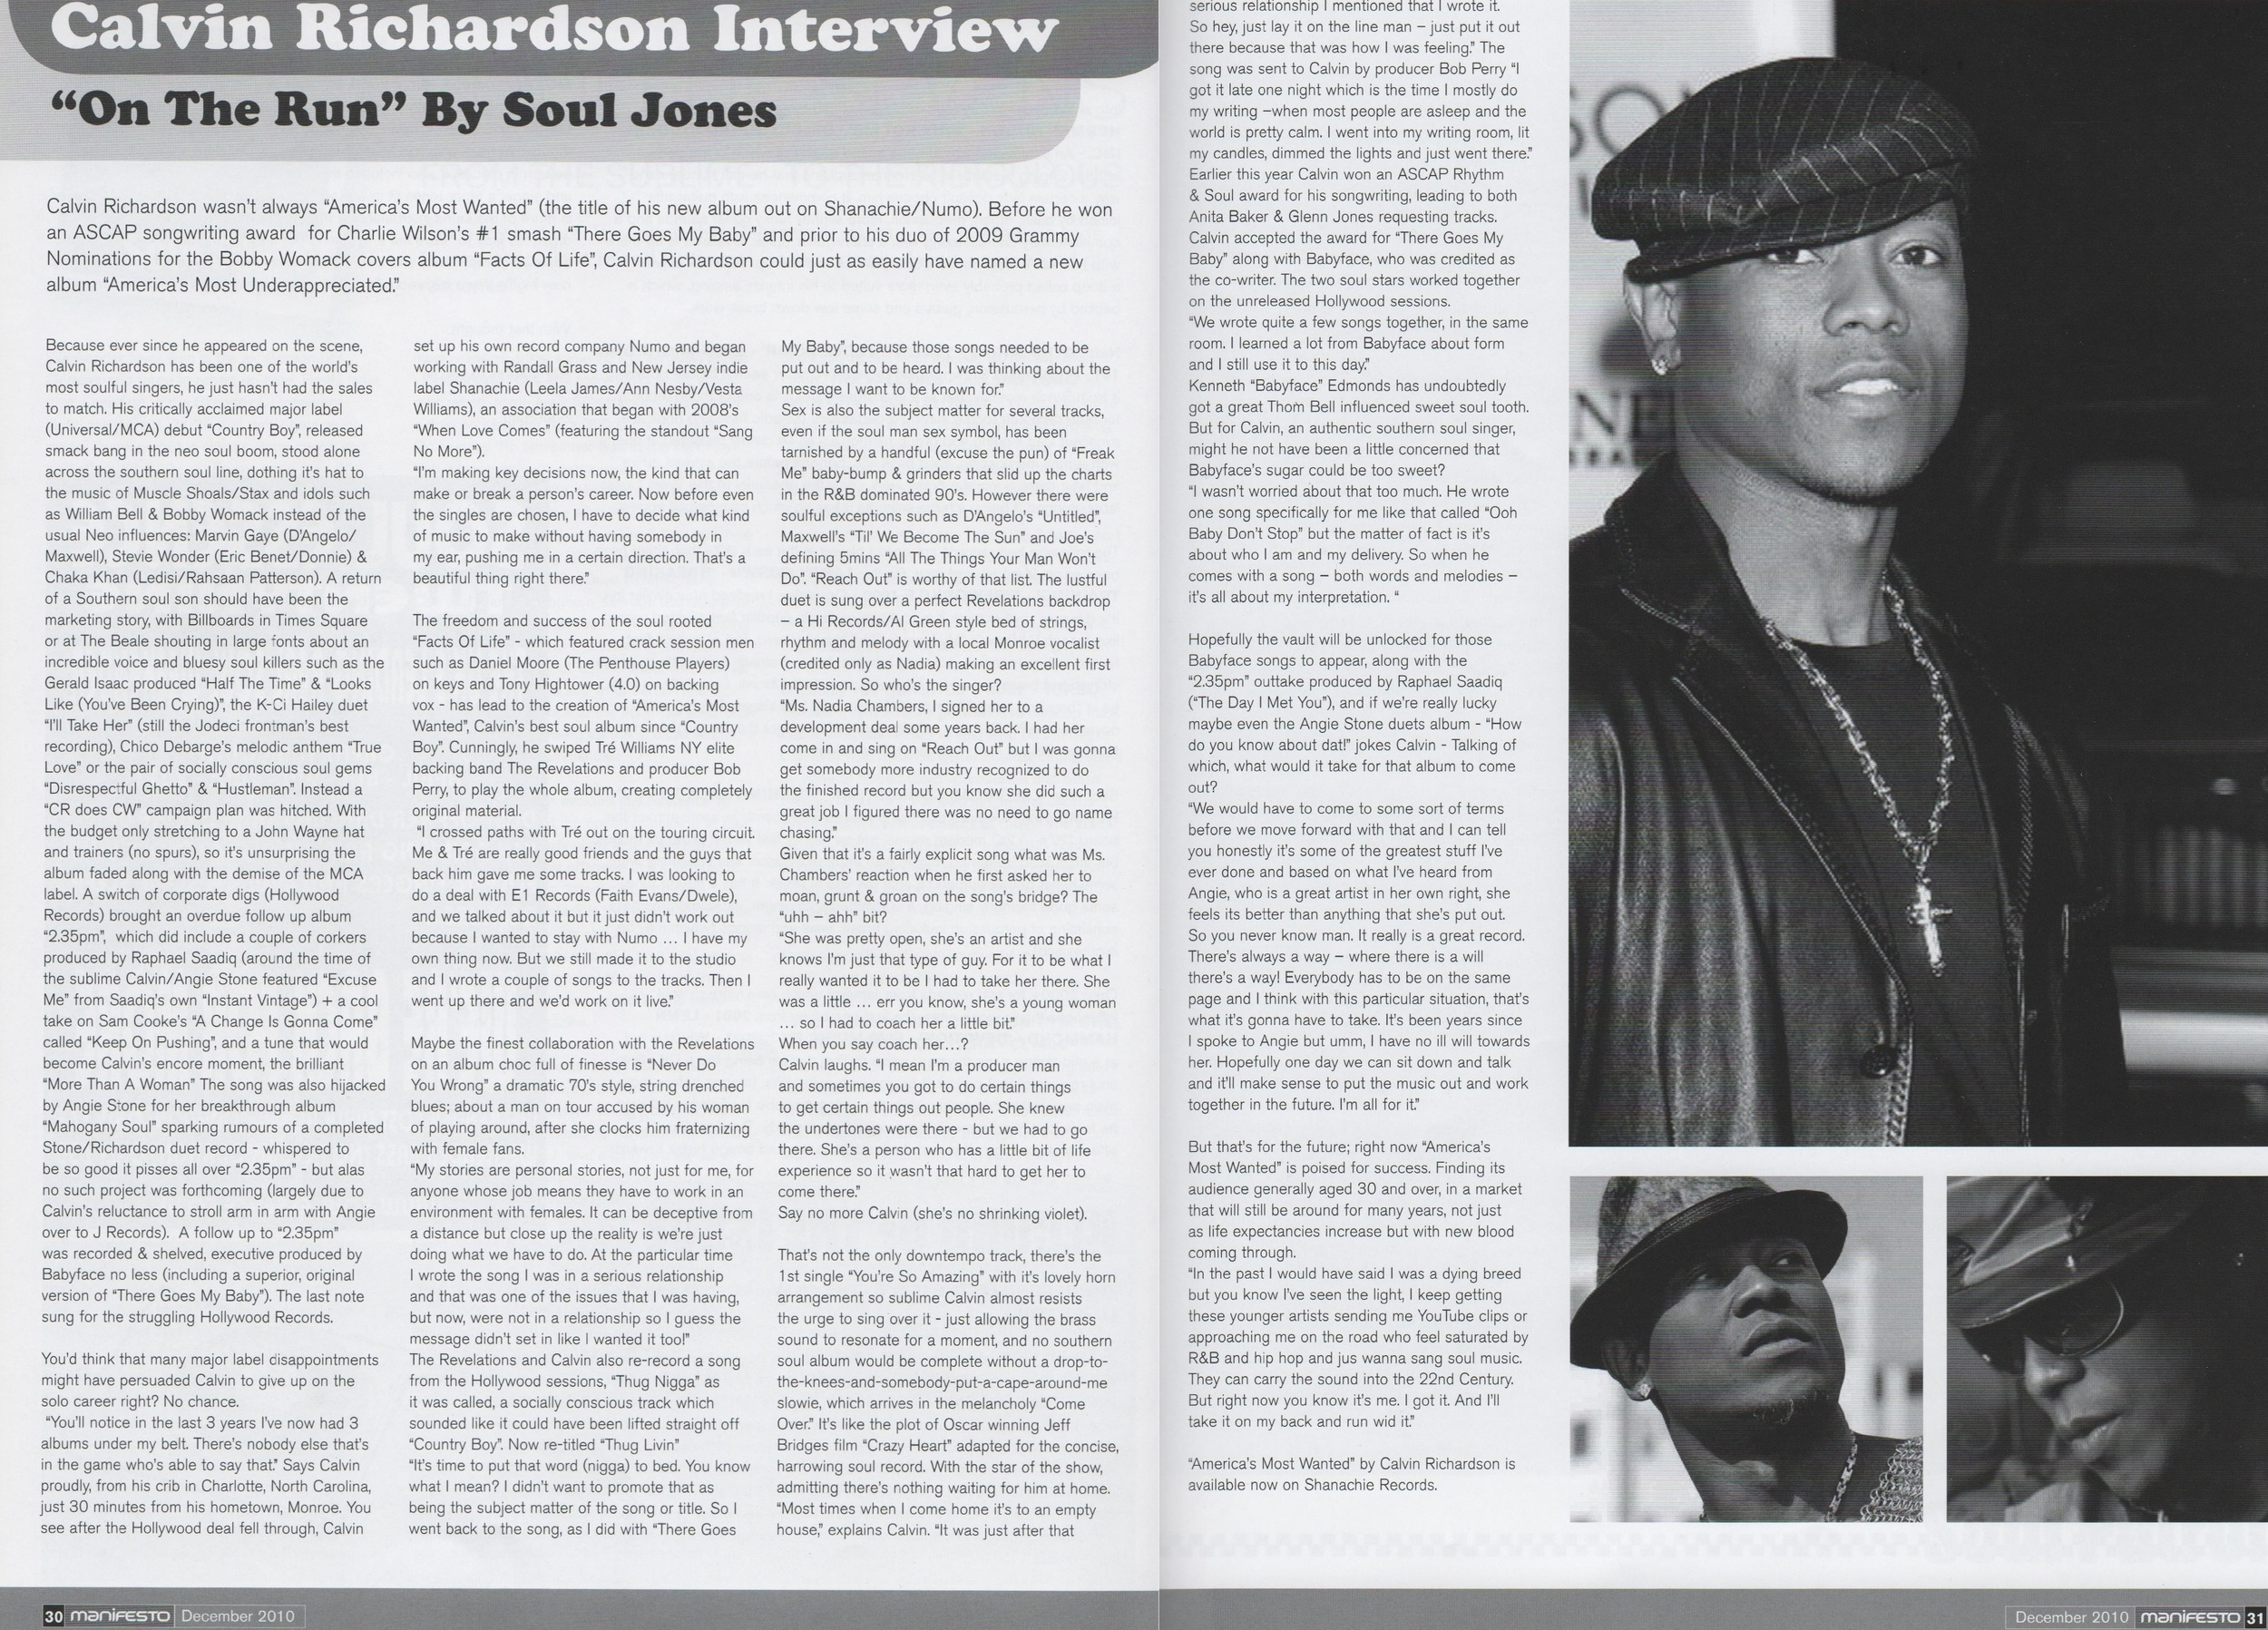 Manifesto Magazine Dec 2010